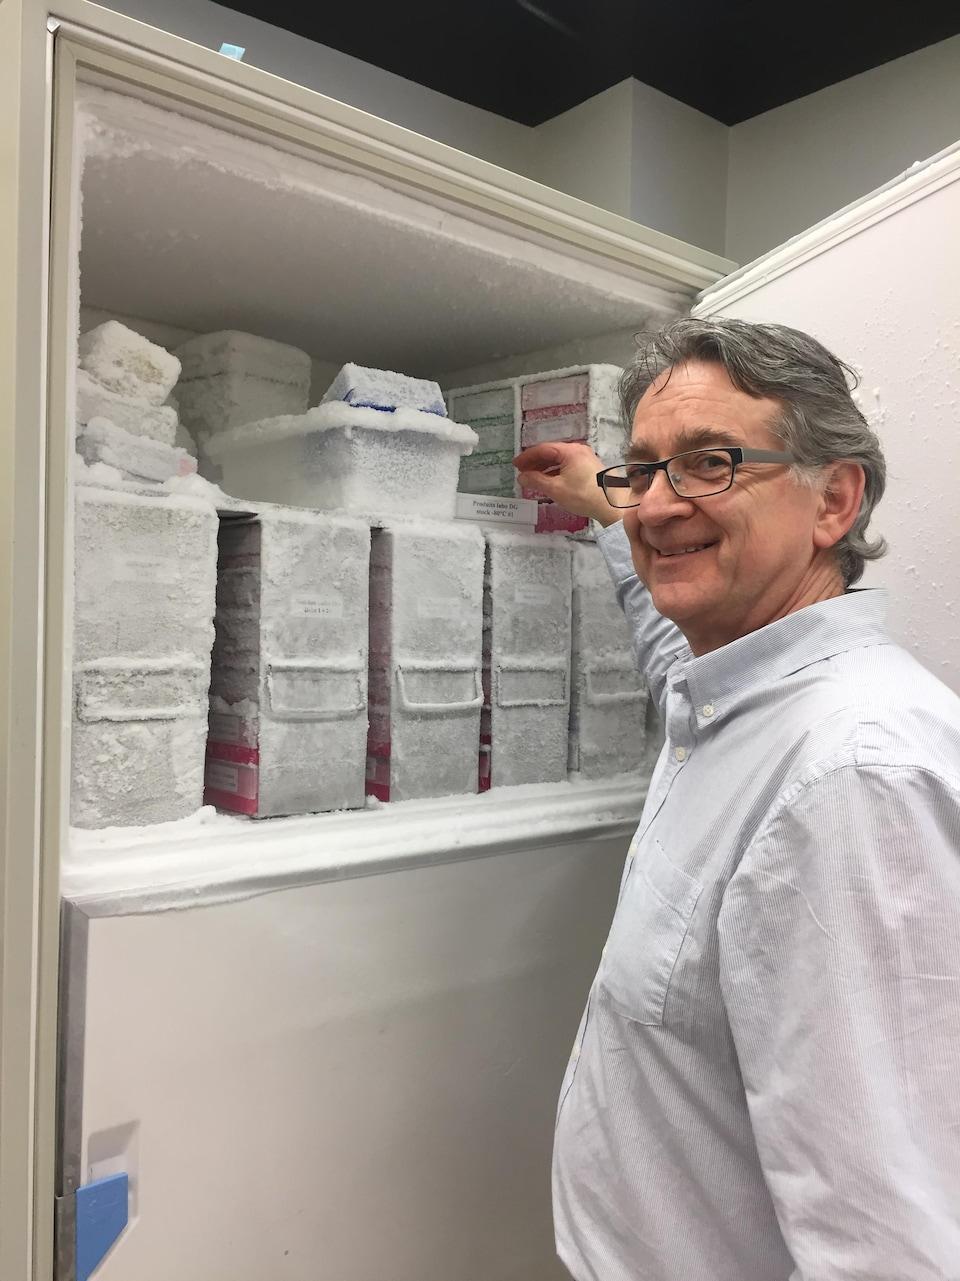 Le microbiologiste Daniel Grenier conserve précieusement les lignées cellulaires qui lui ont permis de mesurer l'activité antibactérienne de composés issus du lichen Stereocaulon paschale.